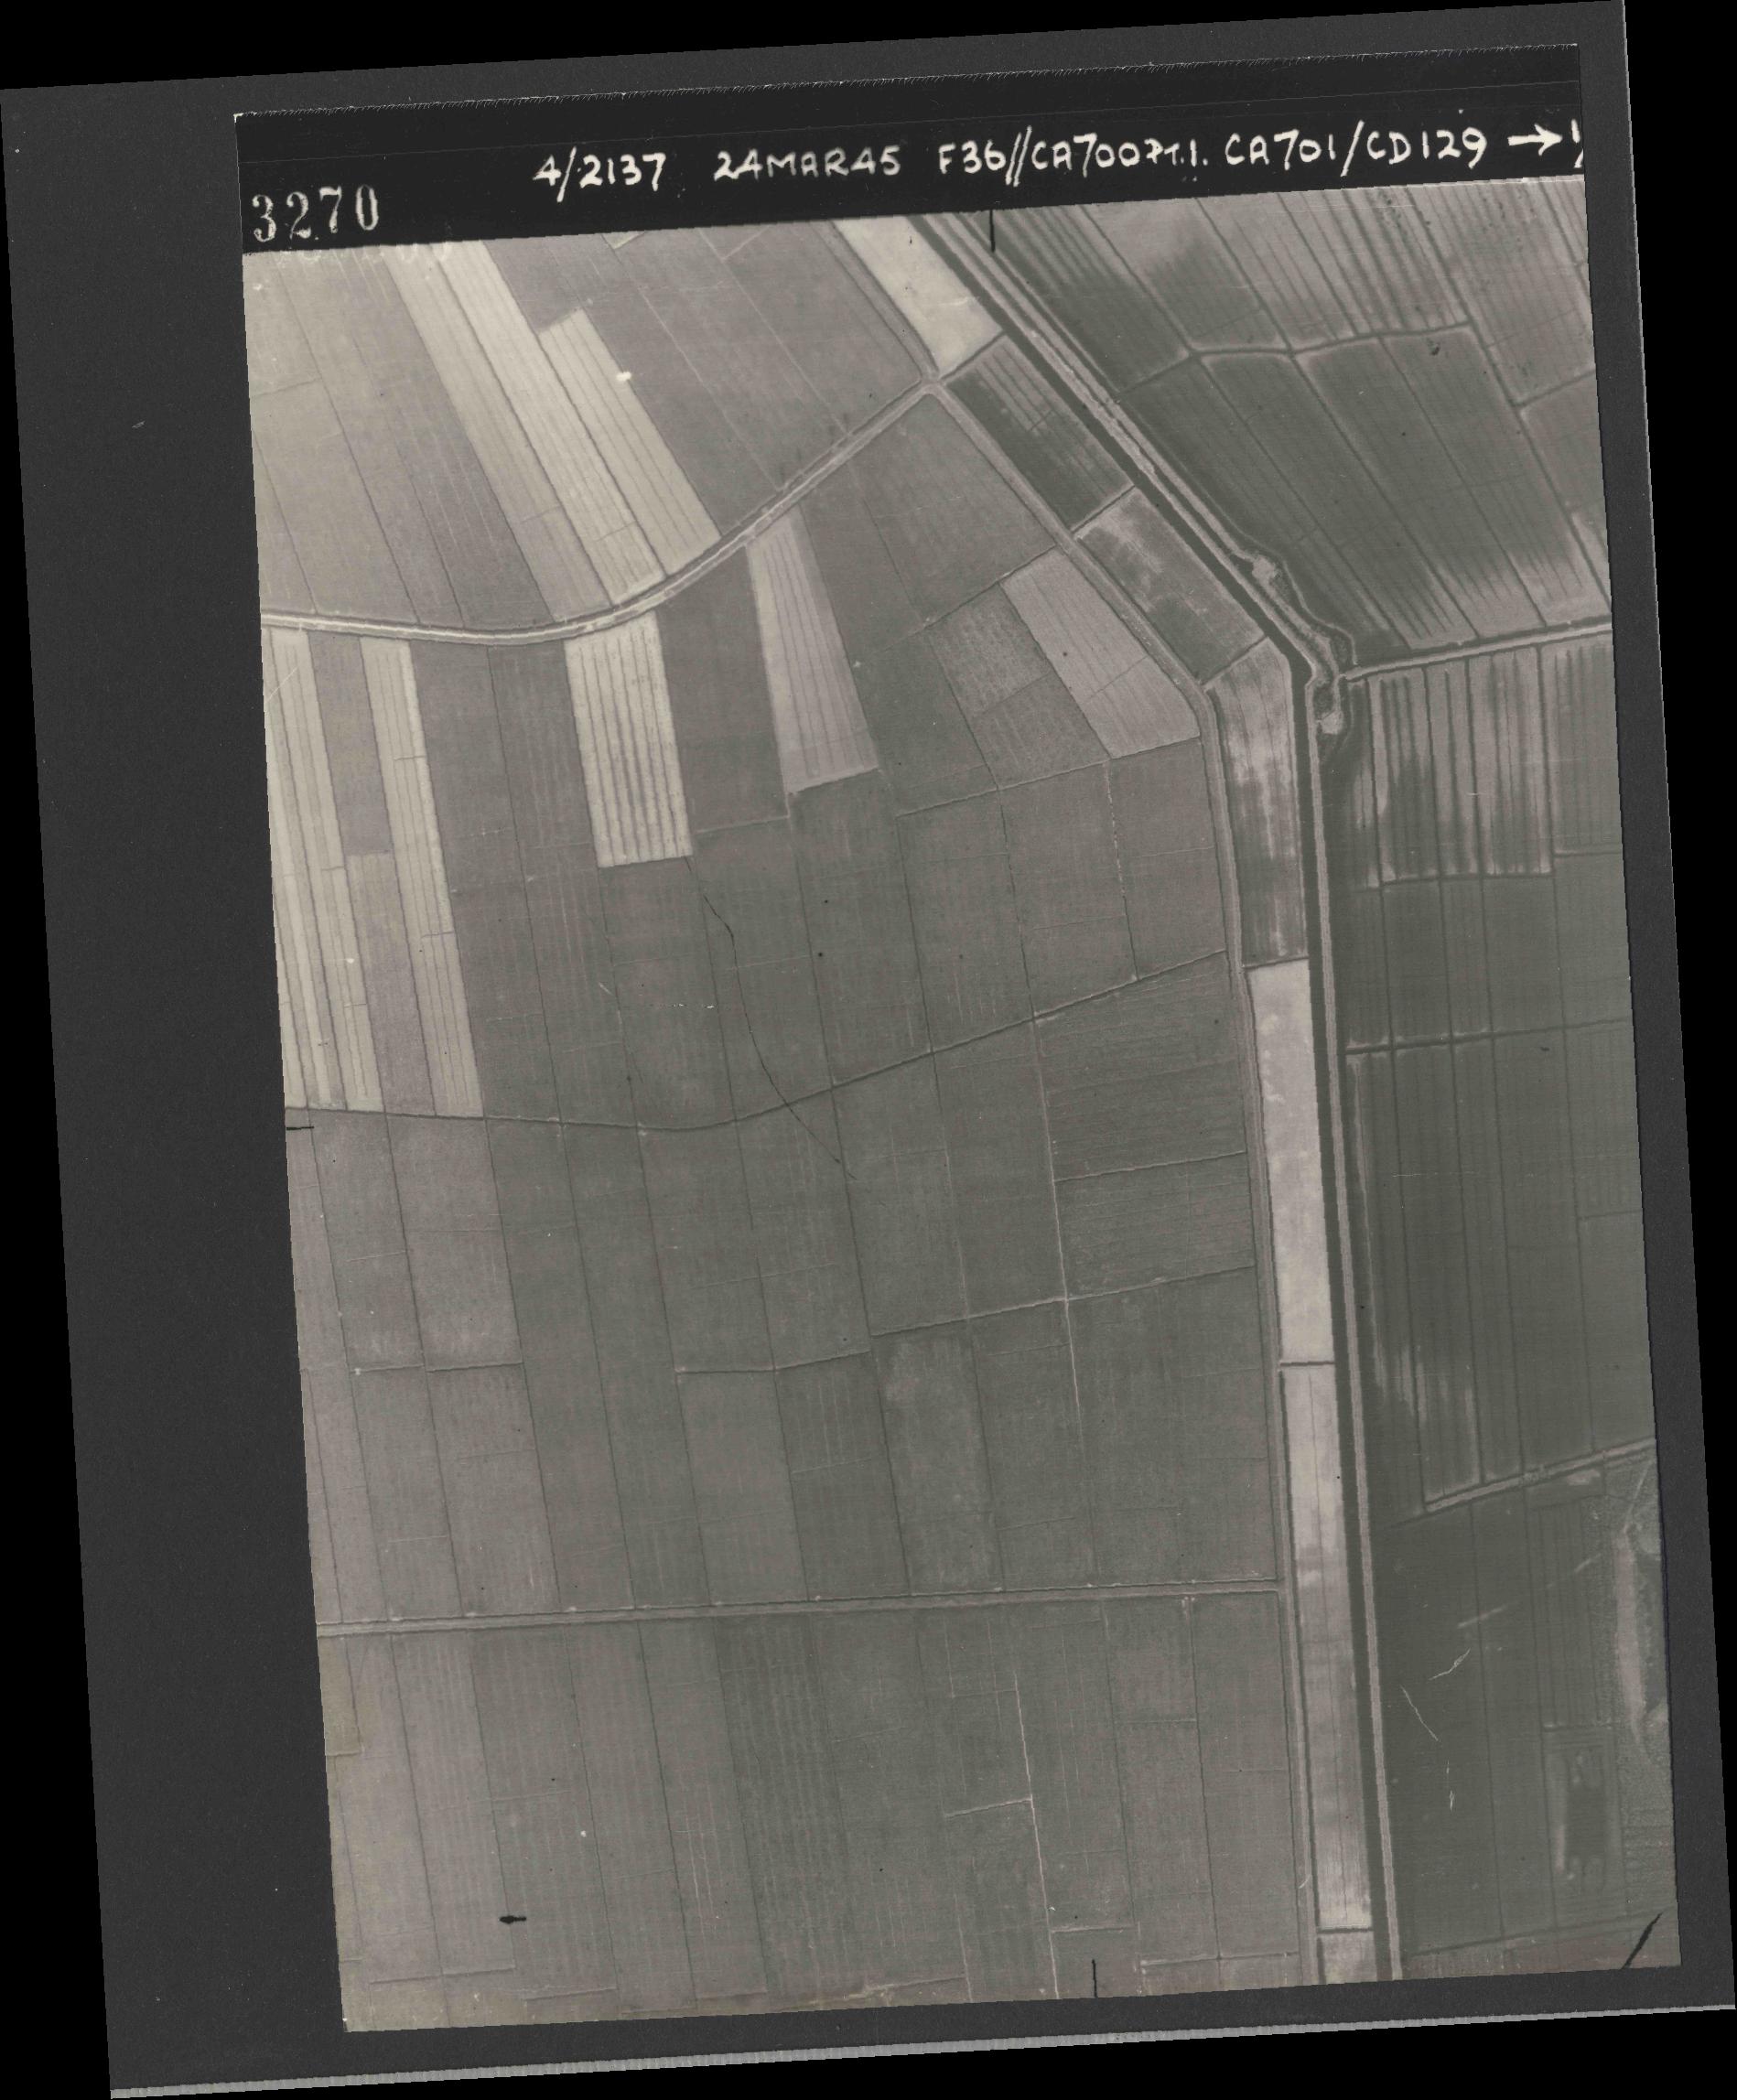 Collection RAF aerial photos 1940-1945 - flight 054, run 09, photo 3270